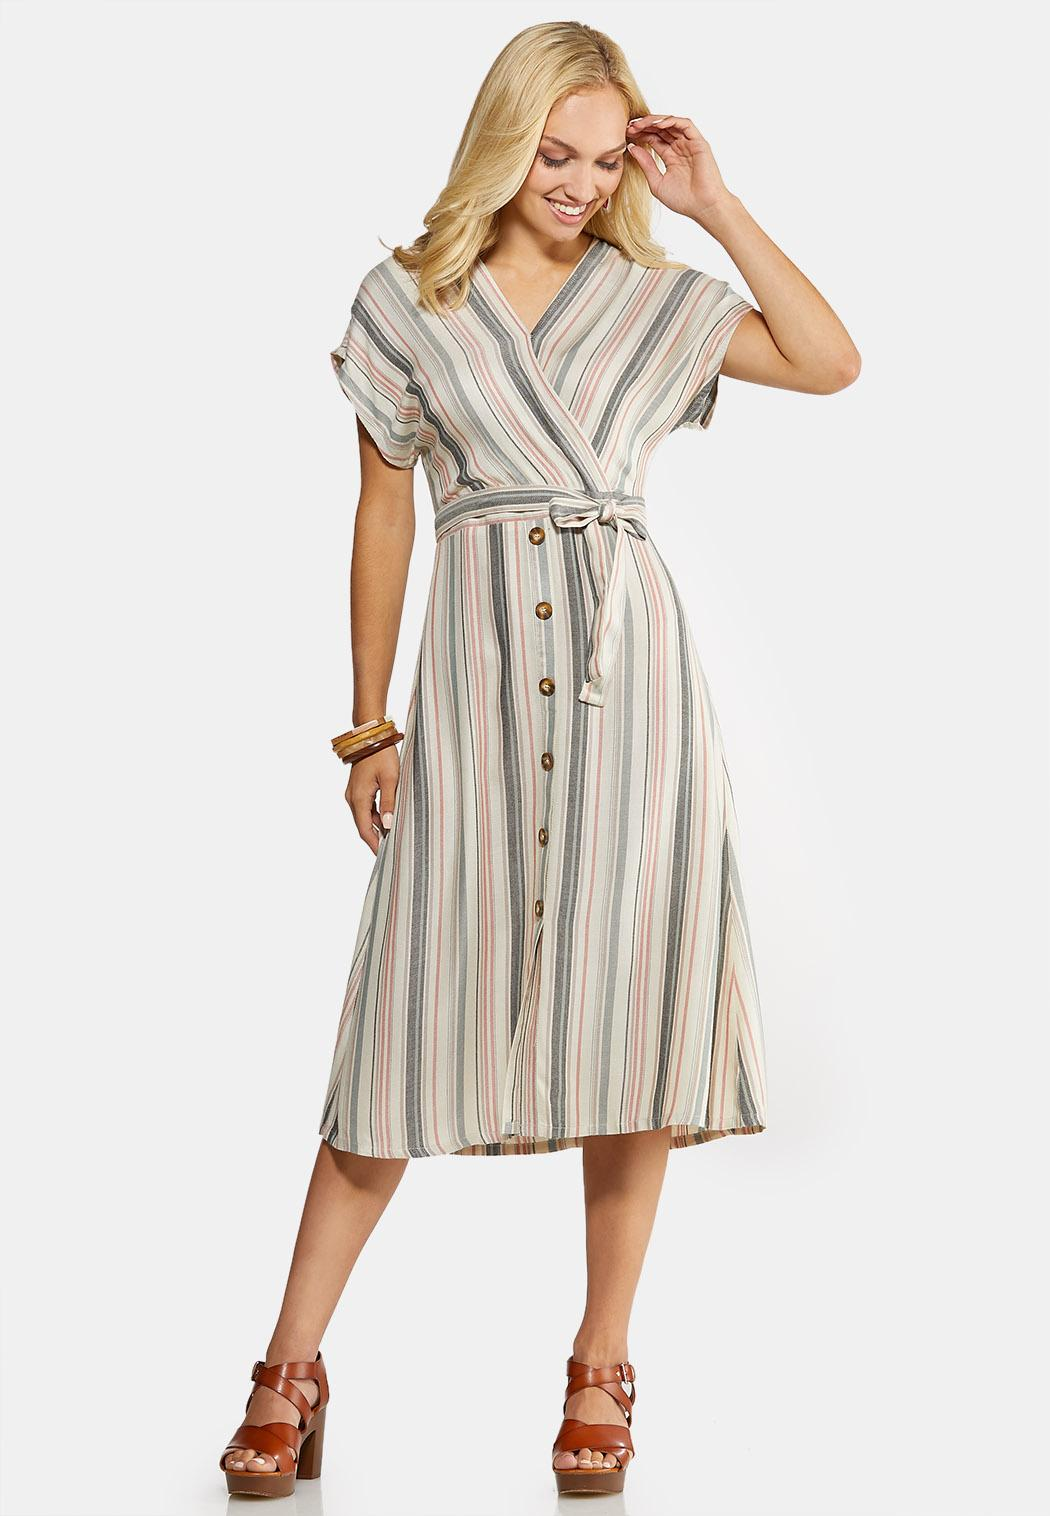 Plus Size Mitered Midi Dress